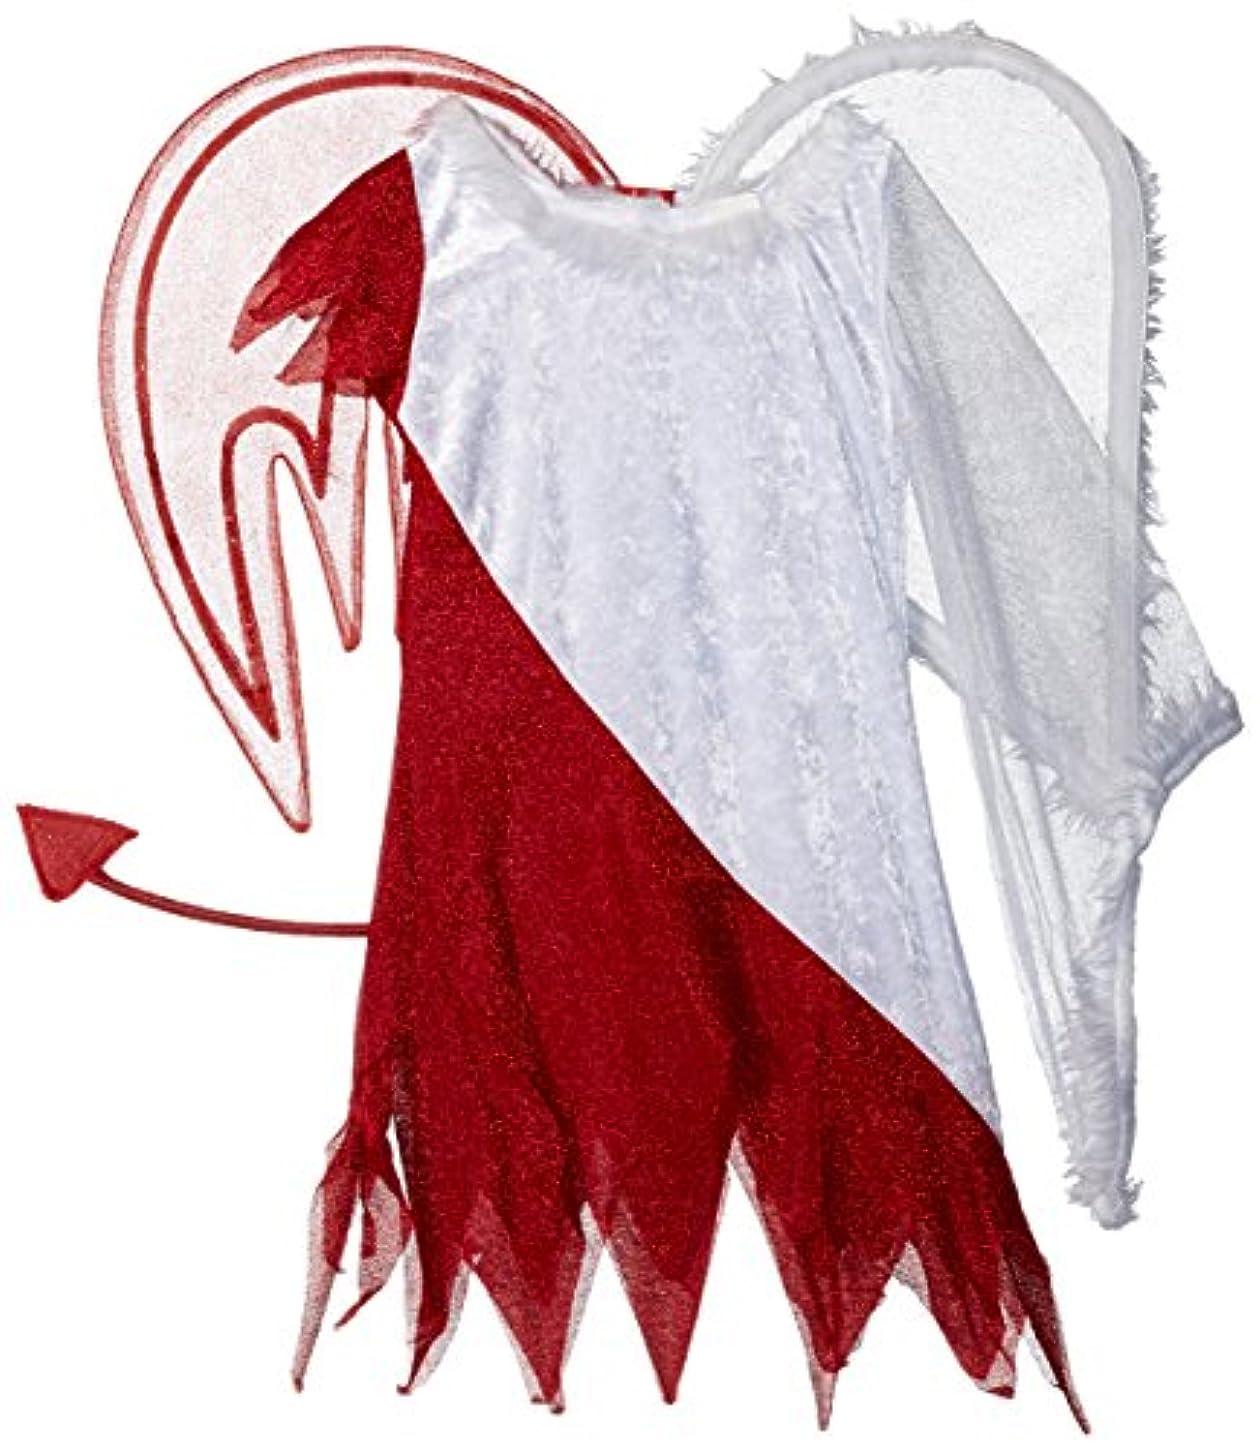 地下コスチュームヒギンズHeavenly Devil Child Costume Heavenly Devil Child Costume 天国の悪魔のチャイルドコスチューム?ハロウィン?サイズ:7/8